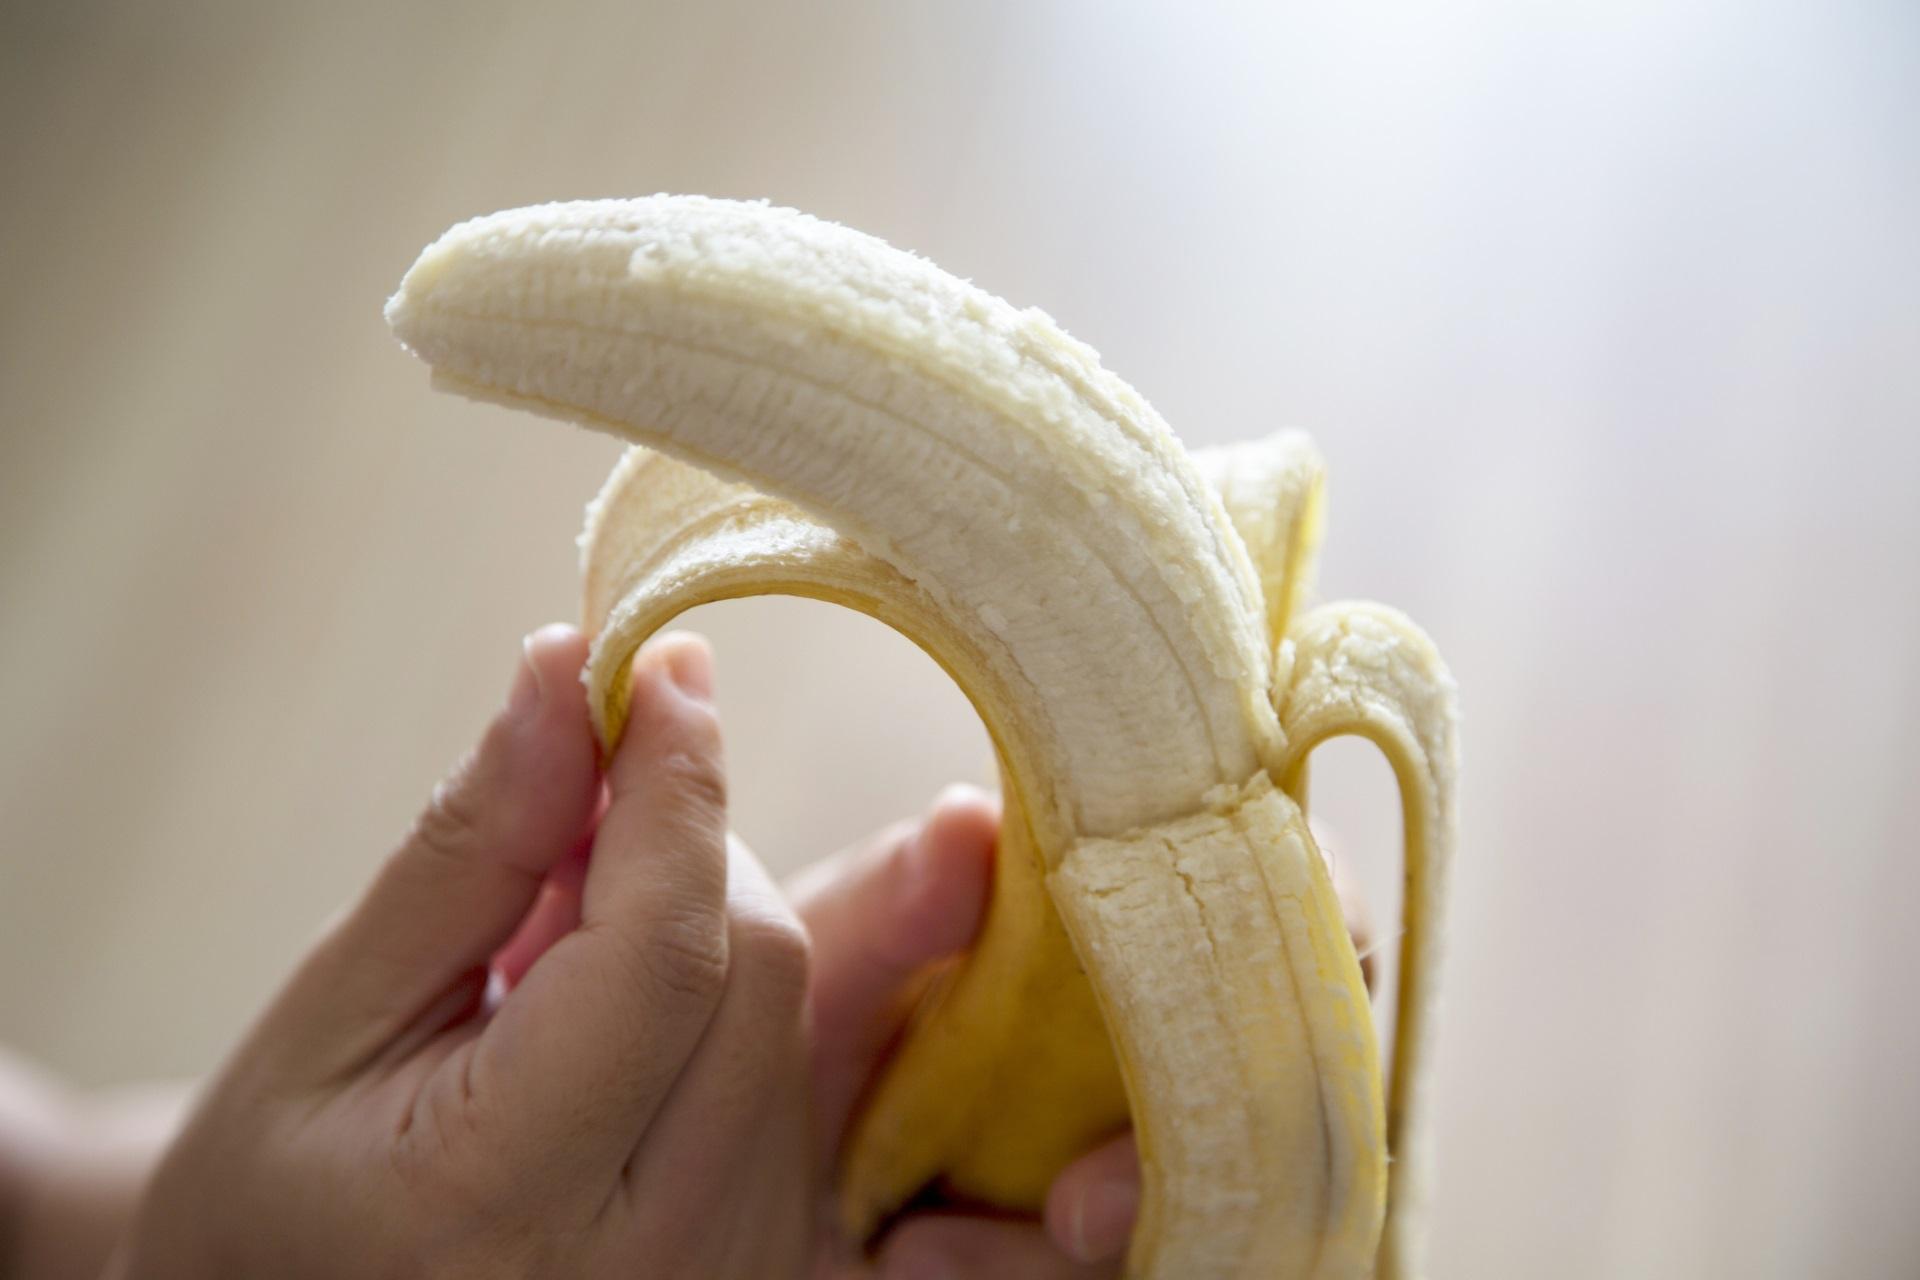 <p><strong>Лъв &ndash; банан</strong></p>  <p>Като лидер имате нужа от плод, който не е като останалите, а е ярко индивидуален. Бананът е иконичен плод, Лъвовете &ndash; също.</p>